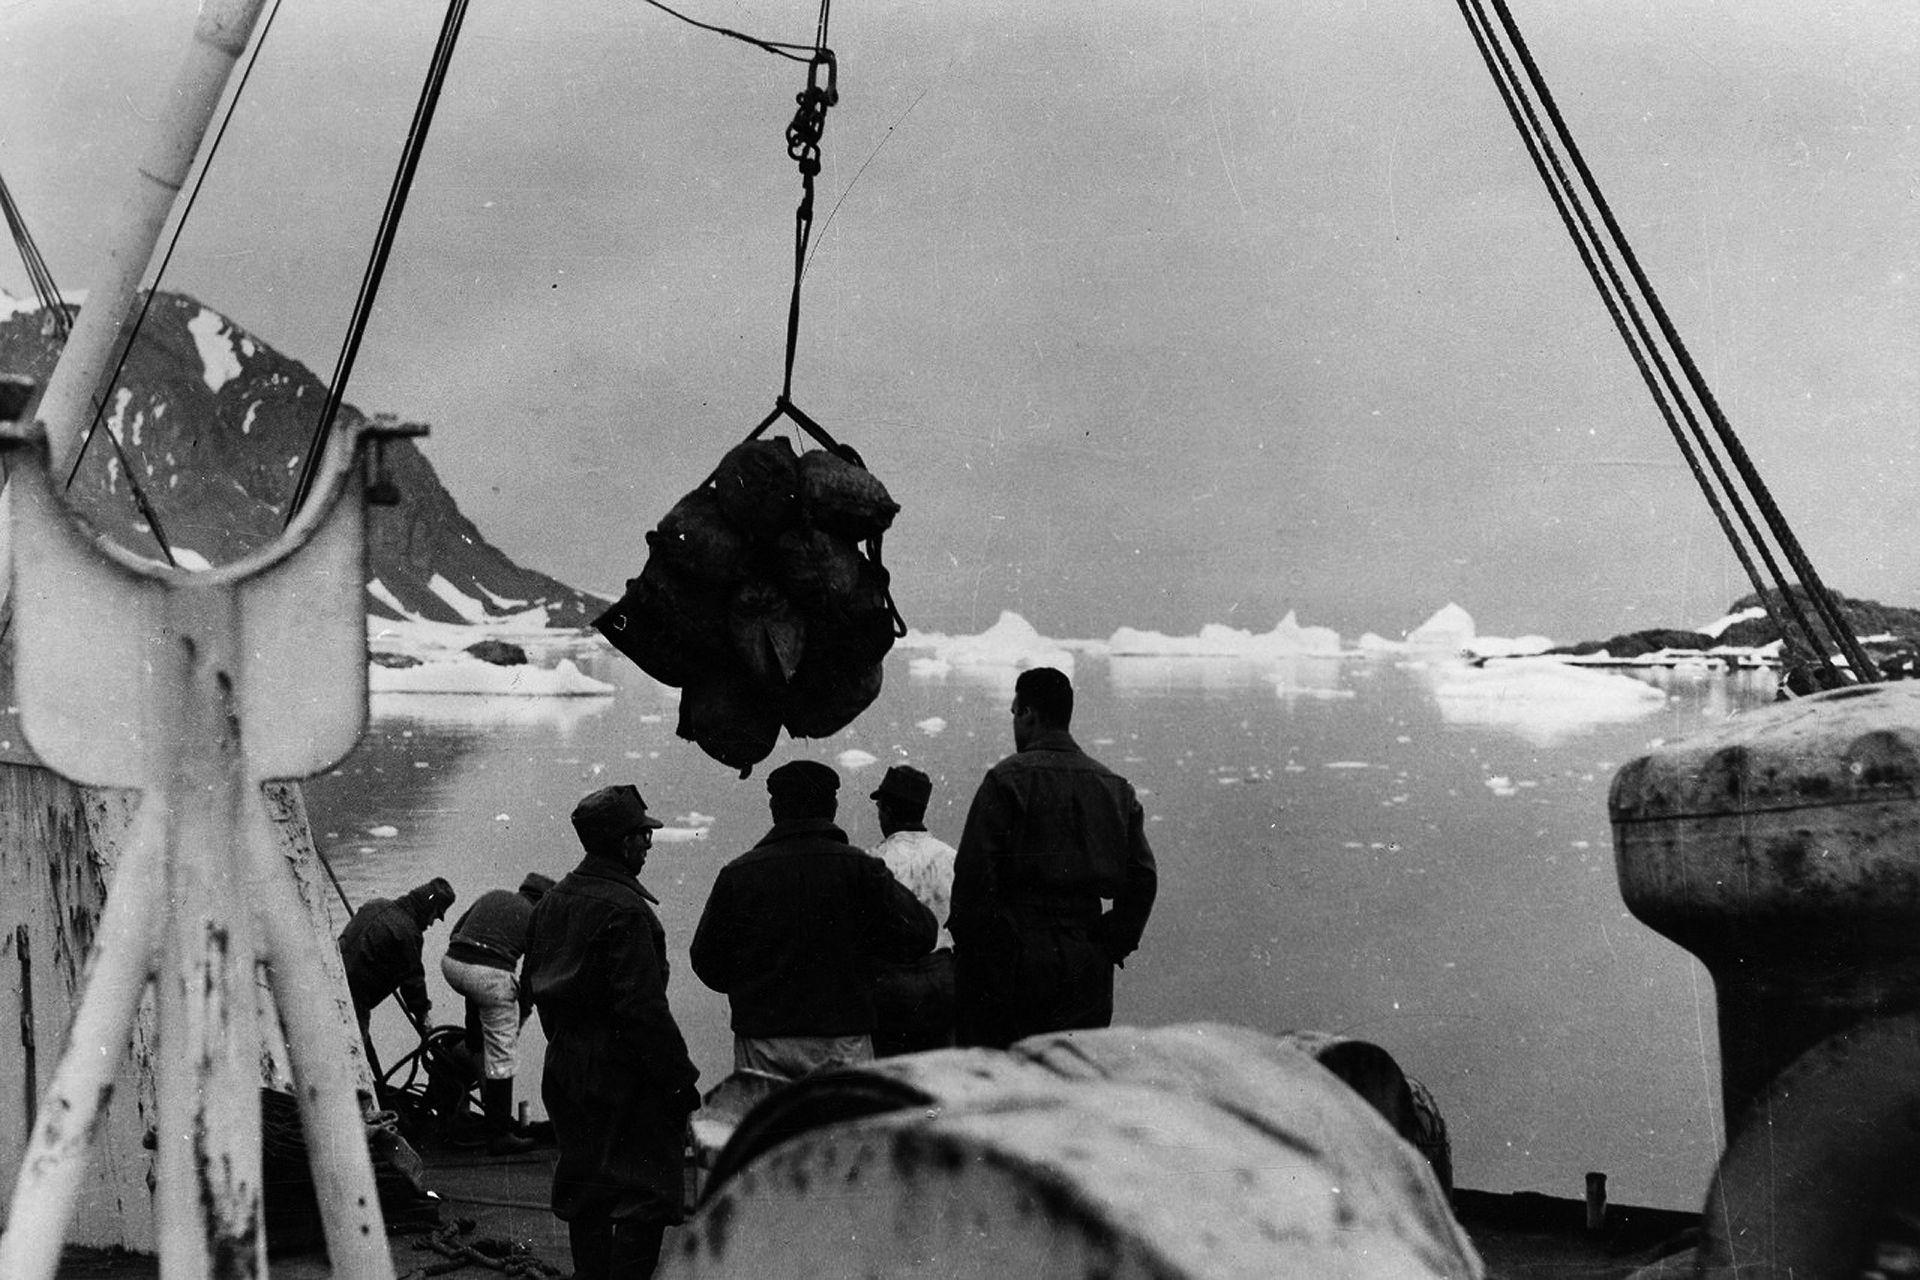 """Construcción de la base Gral. San Martín: """"la base más austral del mundo"""", Bahía Margarita, Antártida Argentina, 1948"""